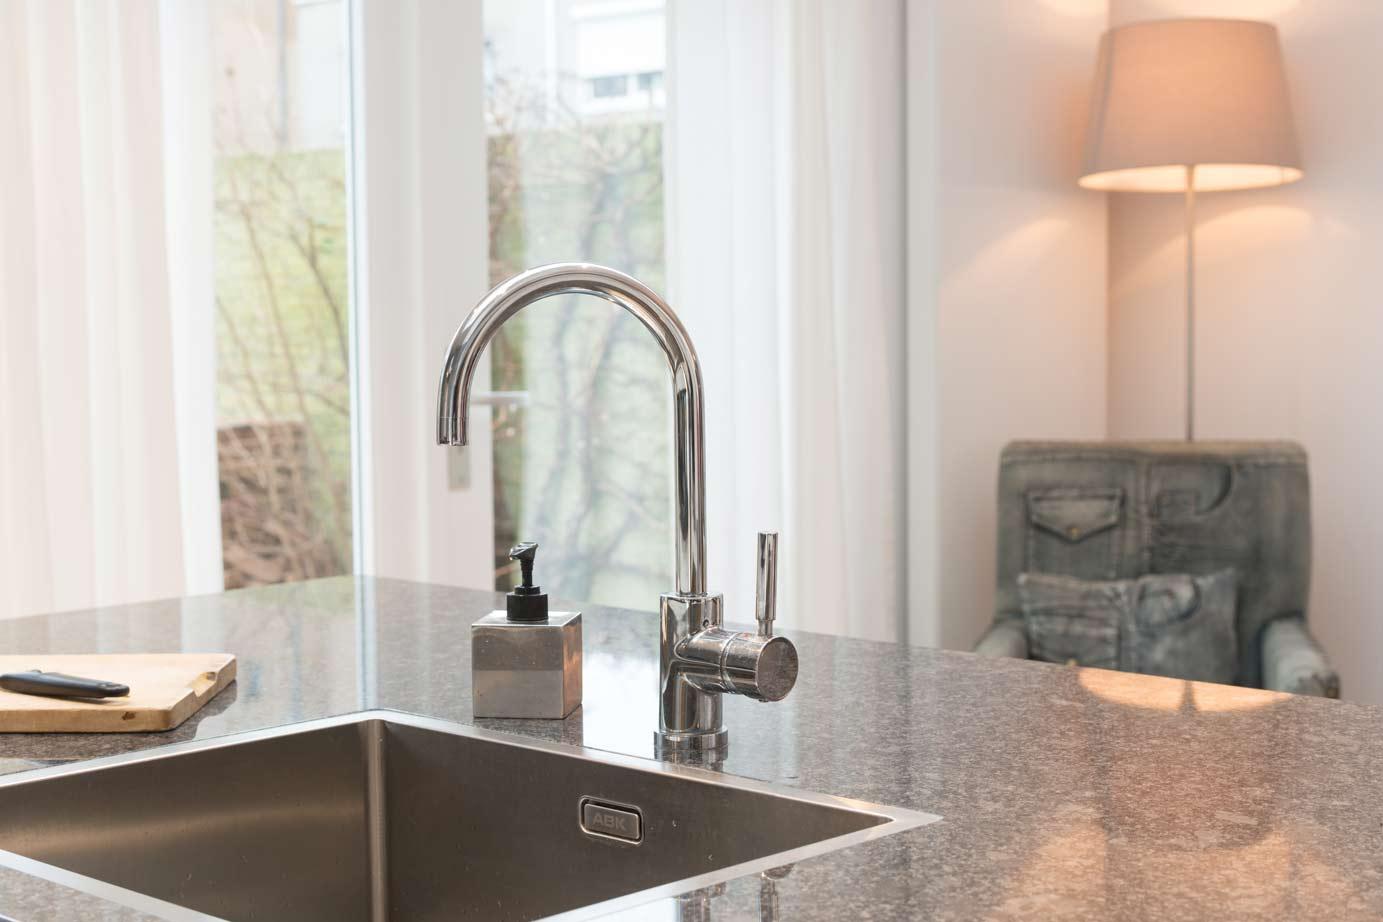 Strakke Tegels Badkamer ~   Keukens Schitterende tegels ten hove keukens badkamers Keukens